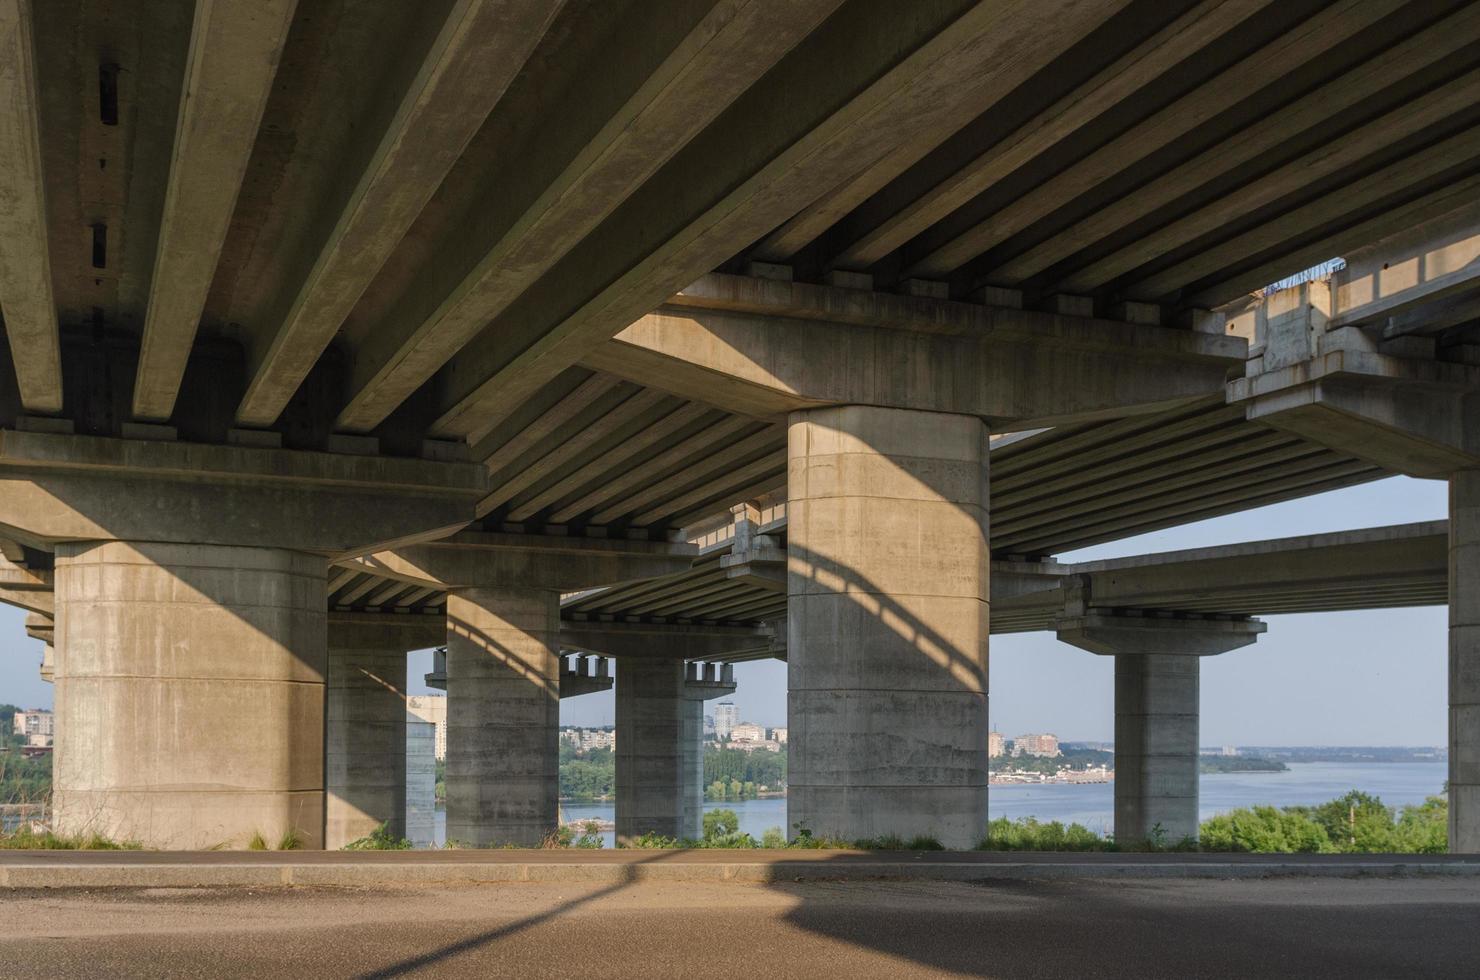 brug in aanbouw met weg foto